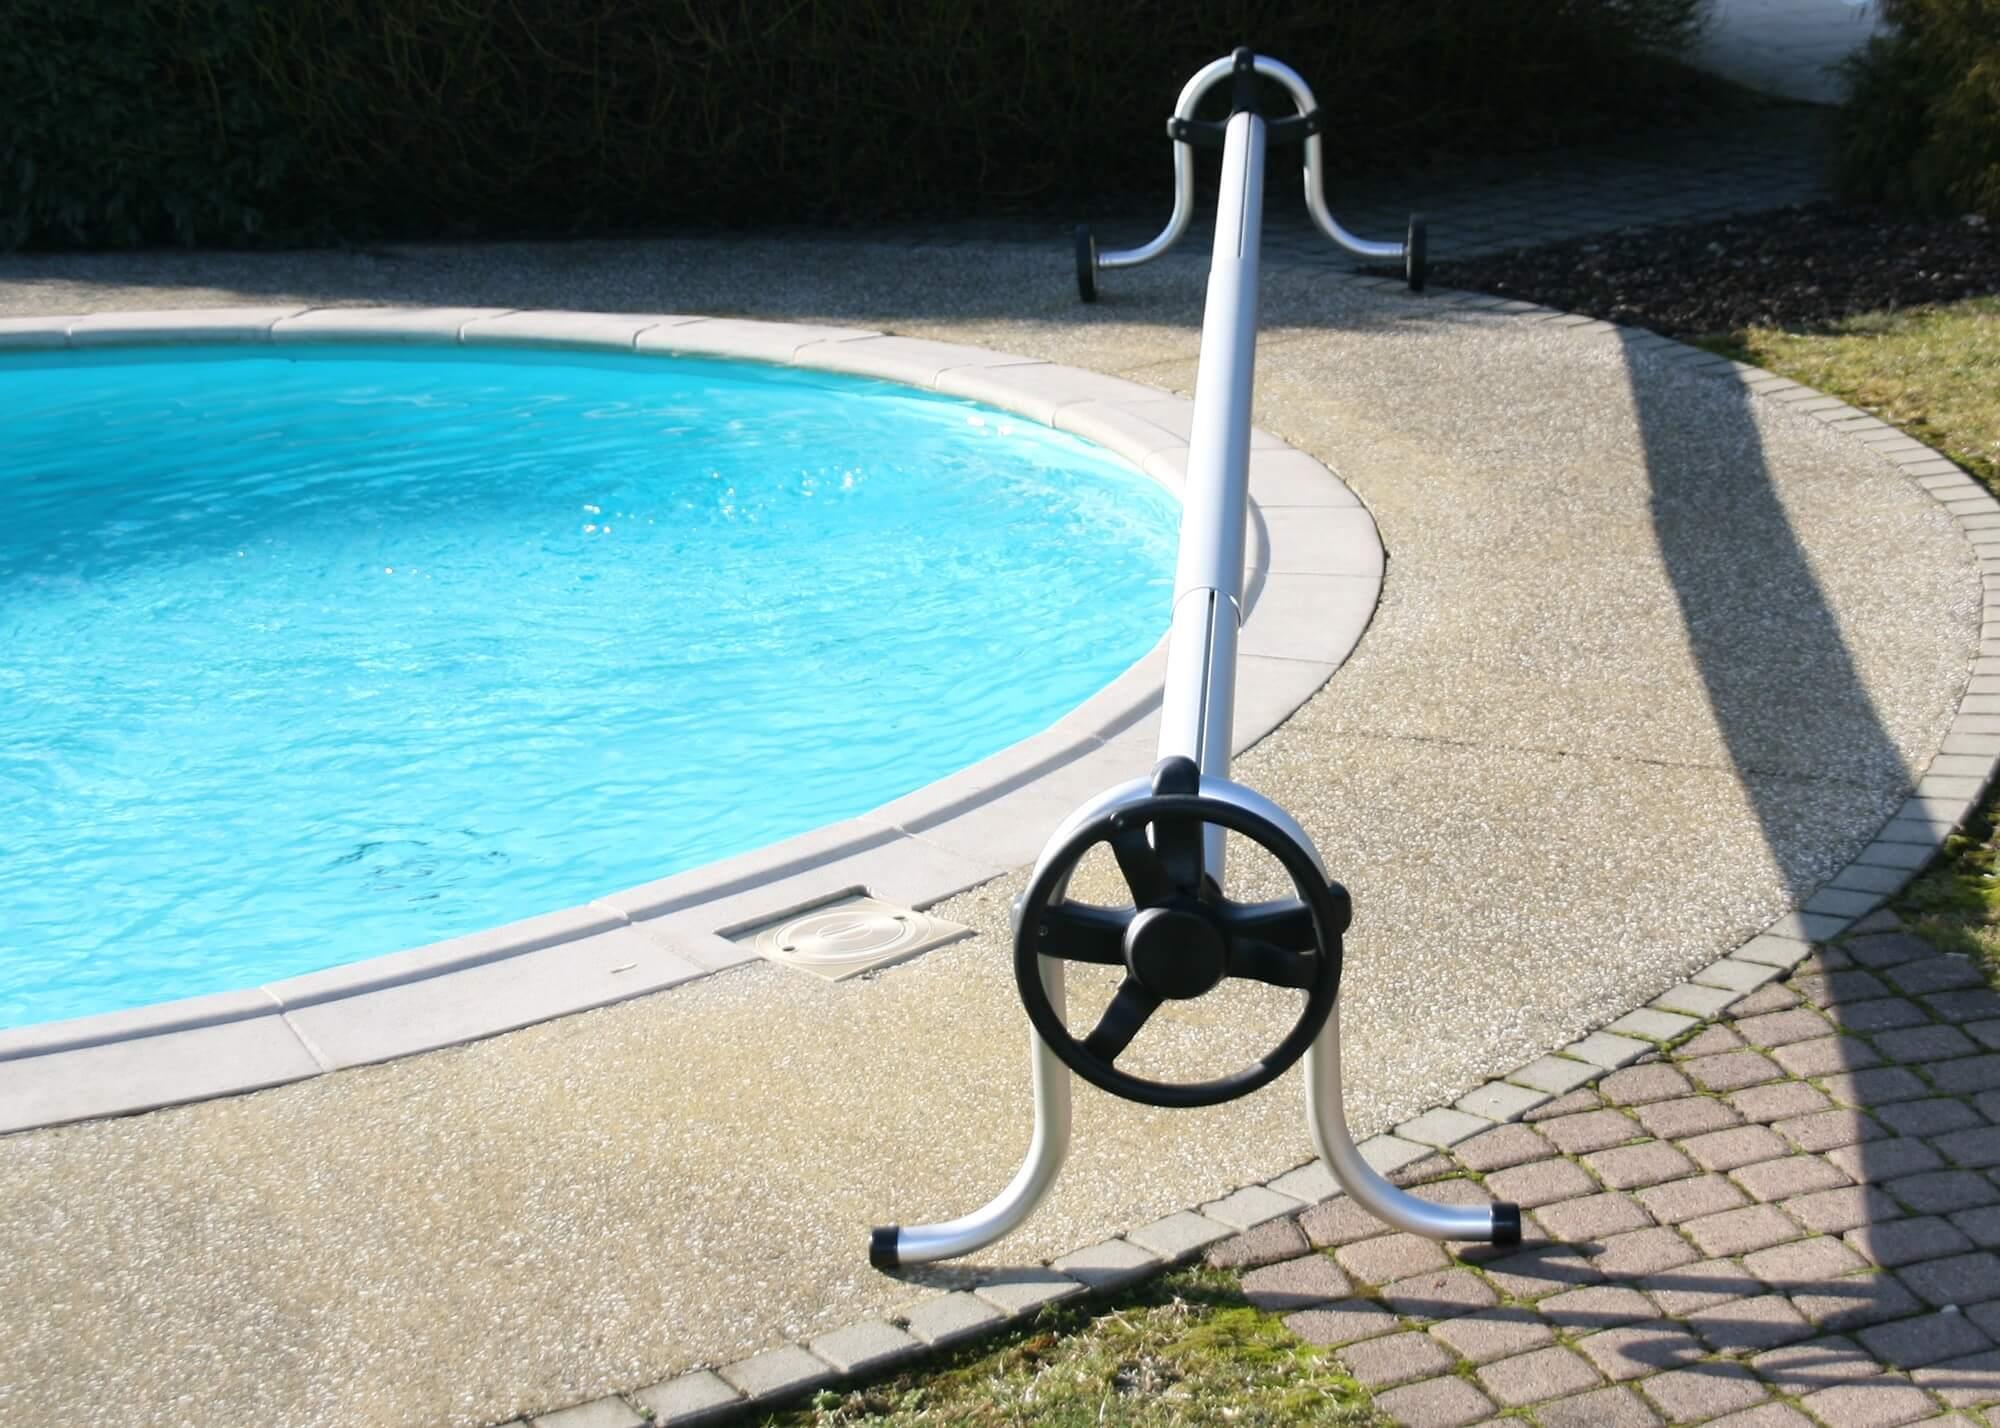 Enrouleur de couverture bulles piscines waterair for Enrouleur piscine electrique